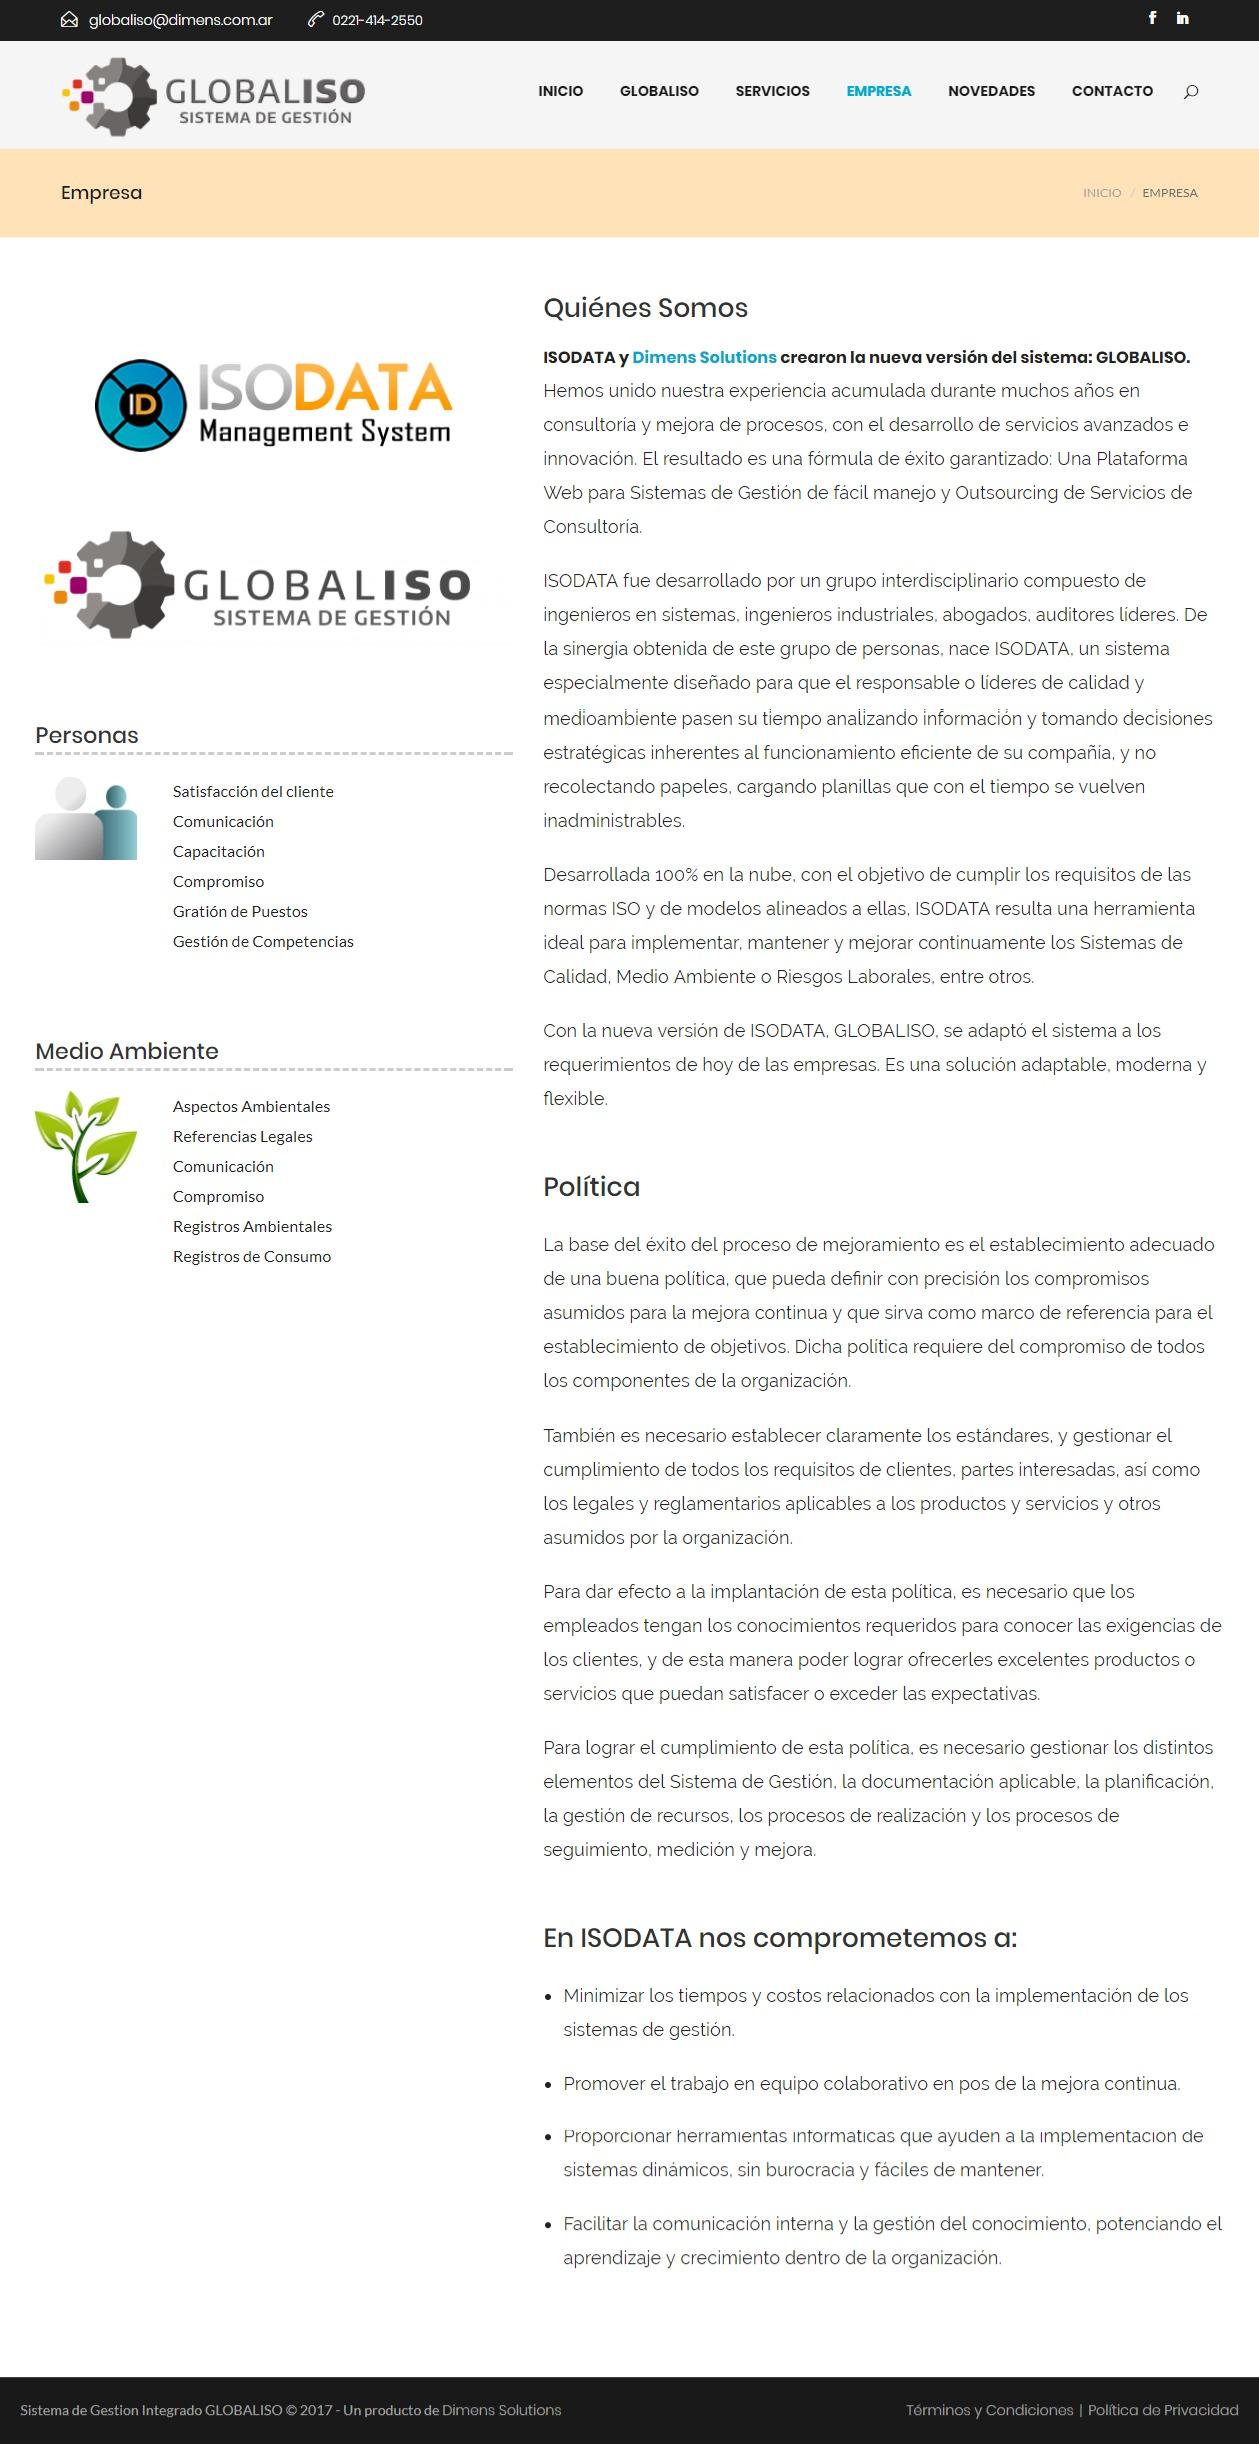 Globaliso2